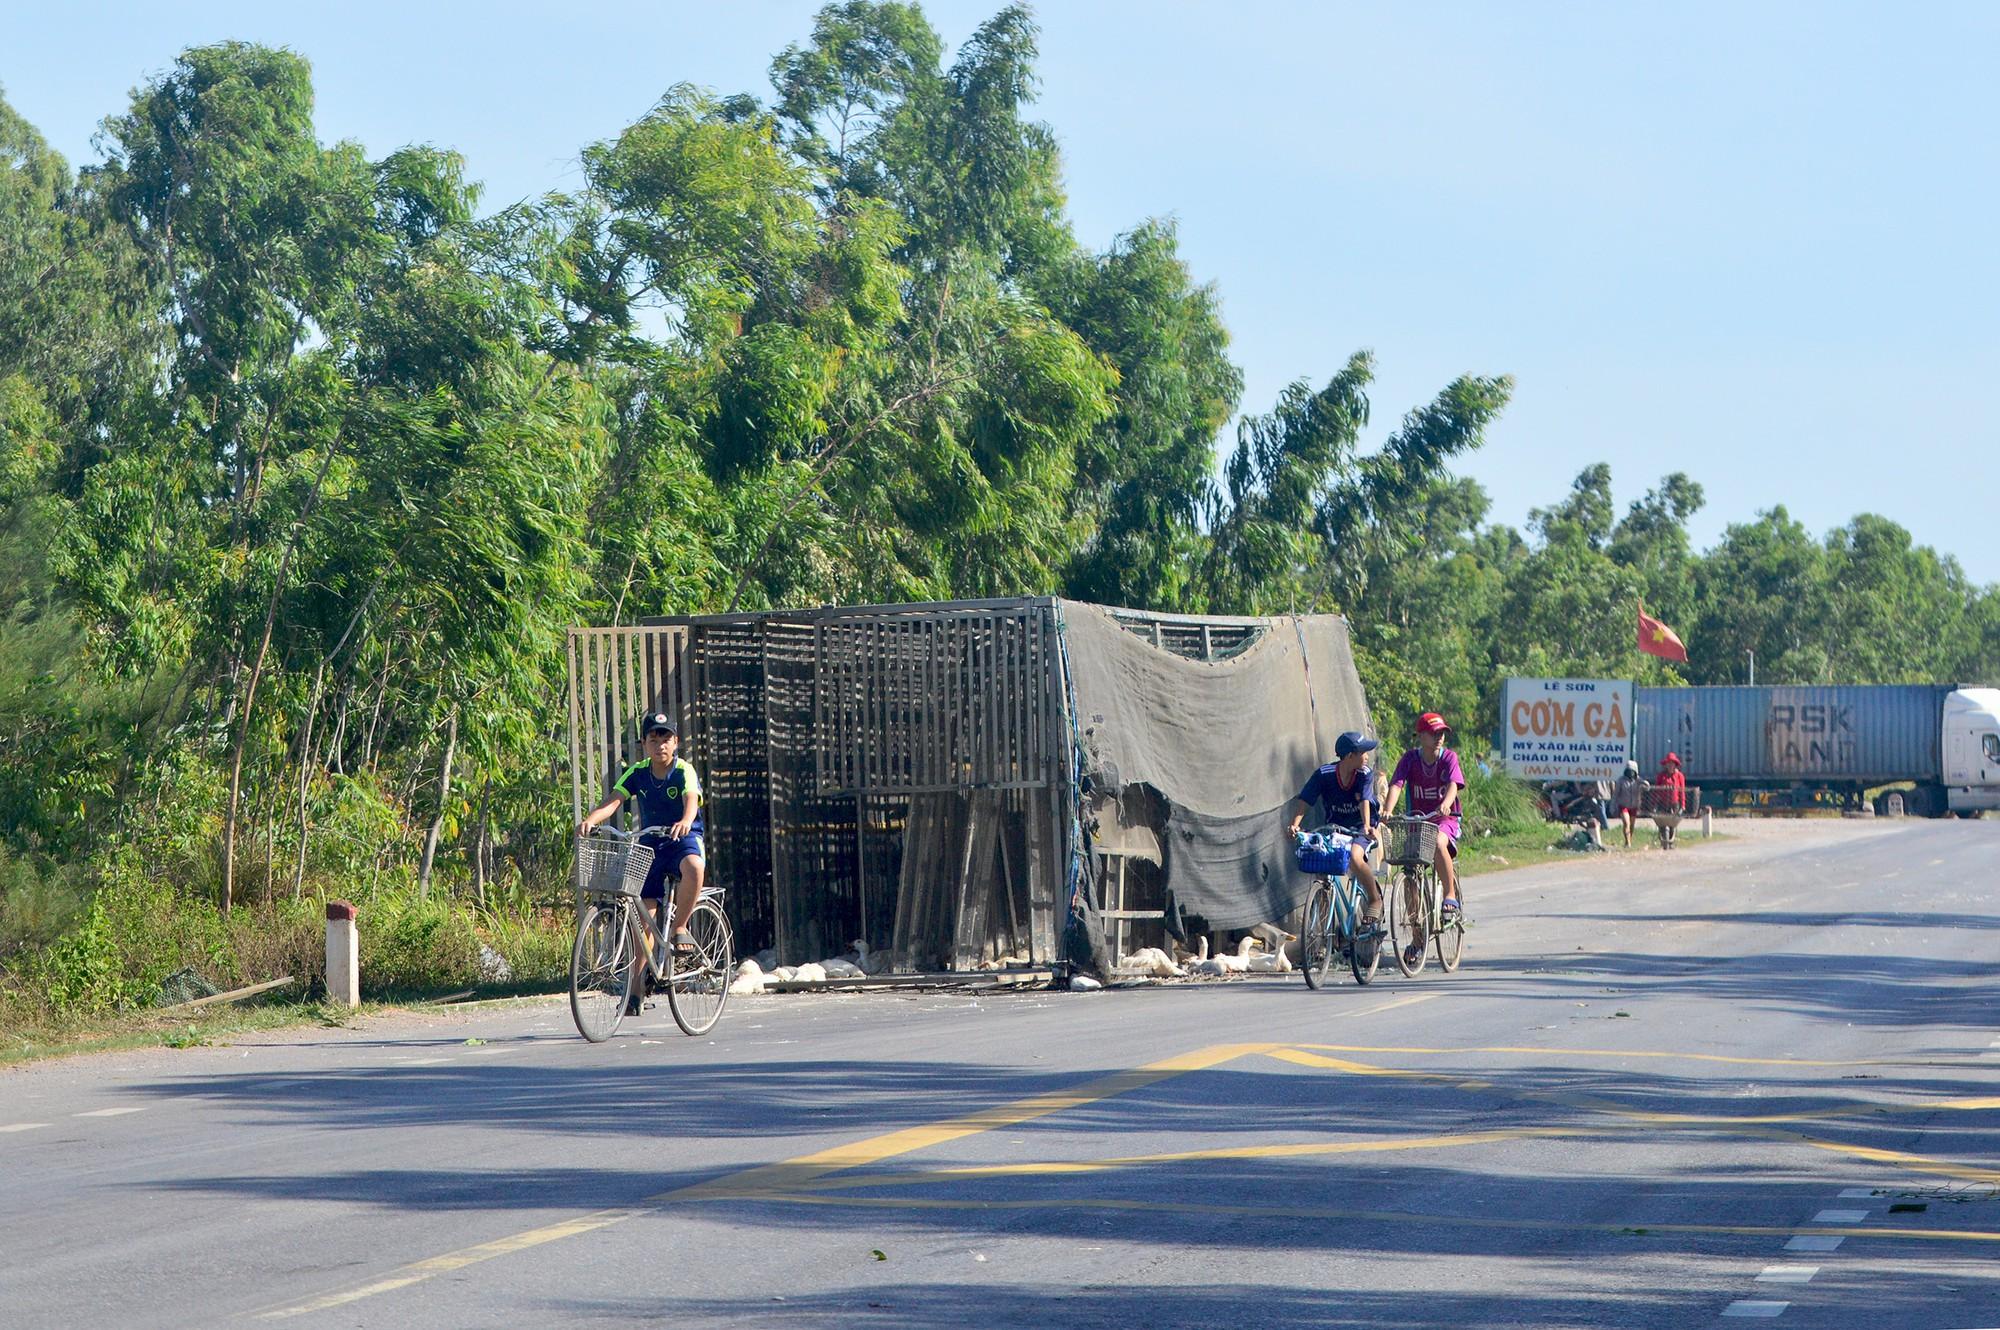 Xe tải gặp nạn, hàng trăm con vịt bị dân hôi của buộc công an xuống đường tìm vịt trả chủ xe  - Ảnh 1.